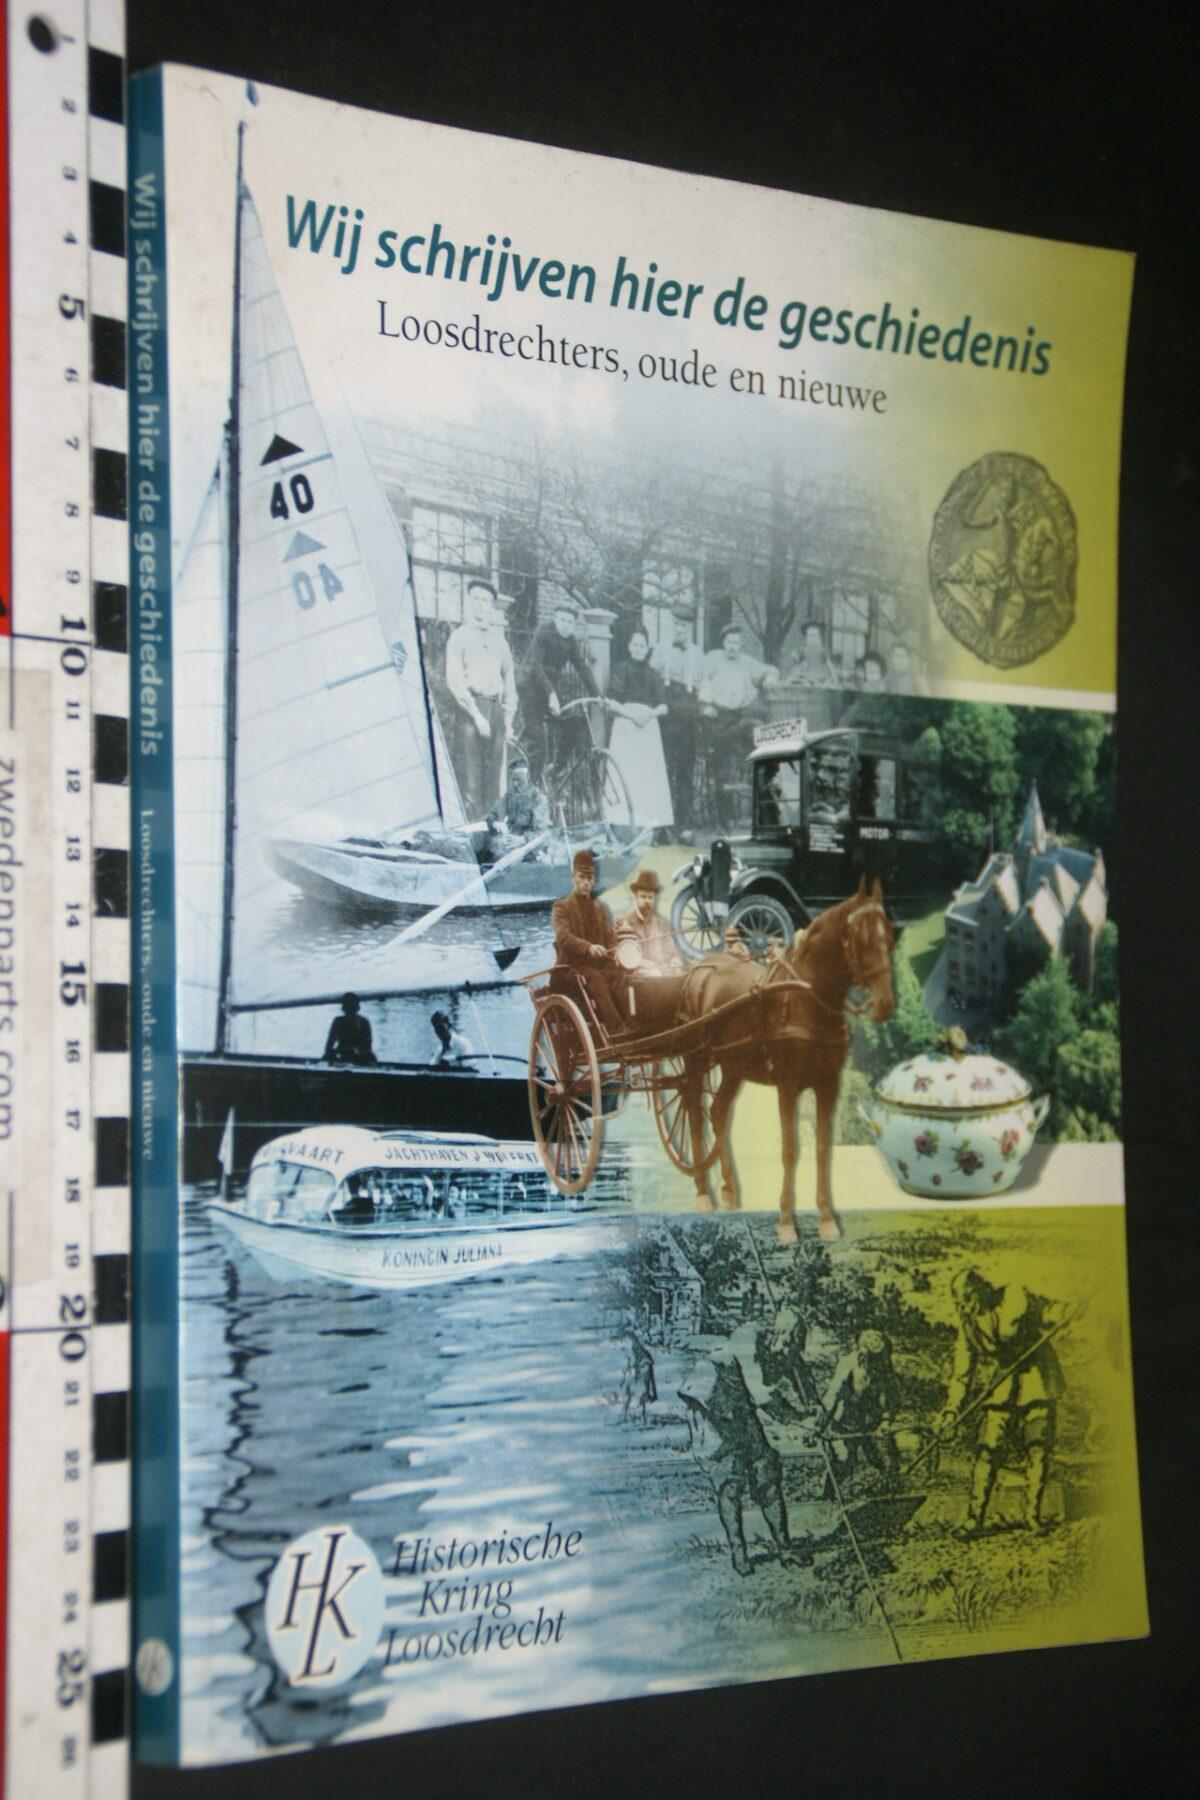 DSC03681 ca 1999 boek Wij schrijven hier de geschiedenis, Loosdrecht met Loosdrechts porselein-9a627689